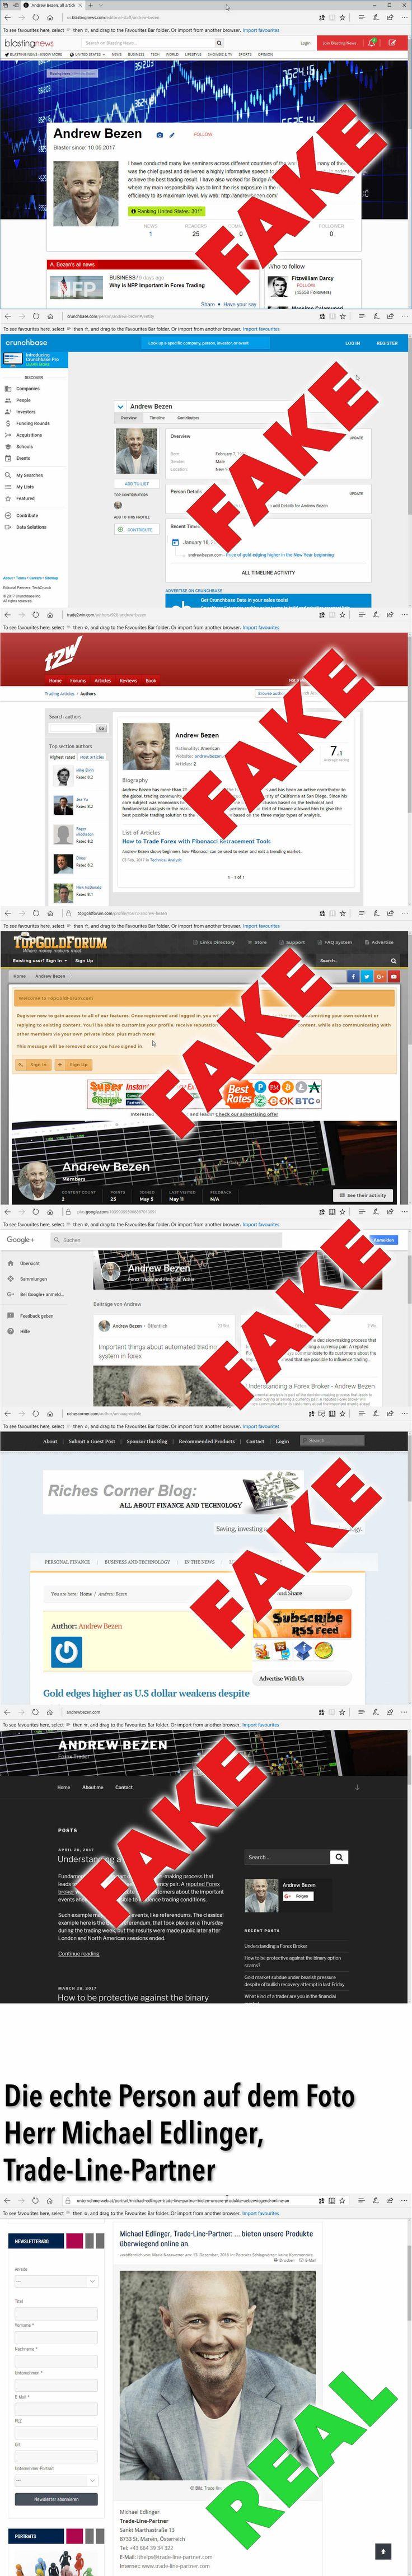 CyberCrime — Ukrainische Hacker — Identitätsdiebstahl, Betrug und Fake-Profile — Andrew Bezen | Investment News